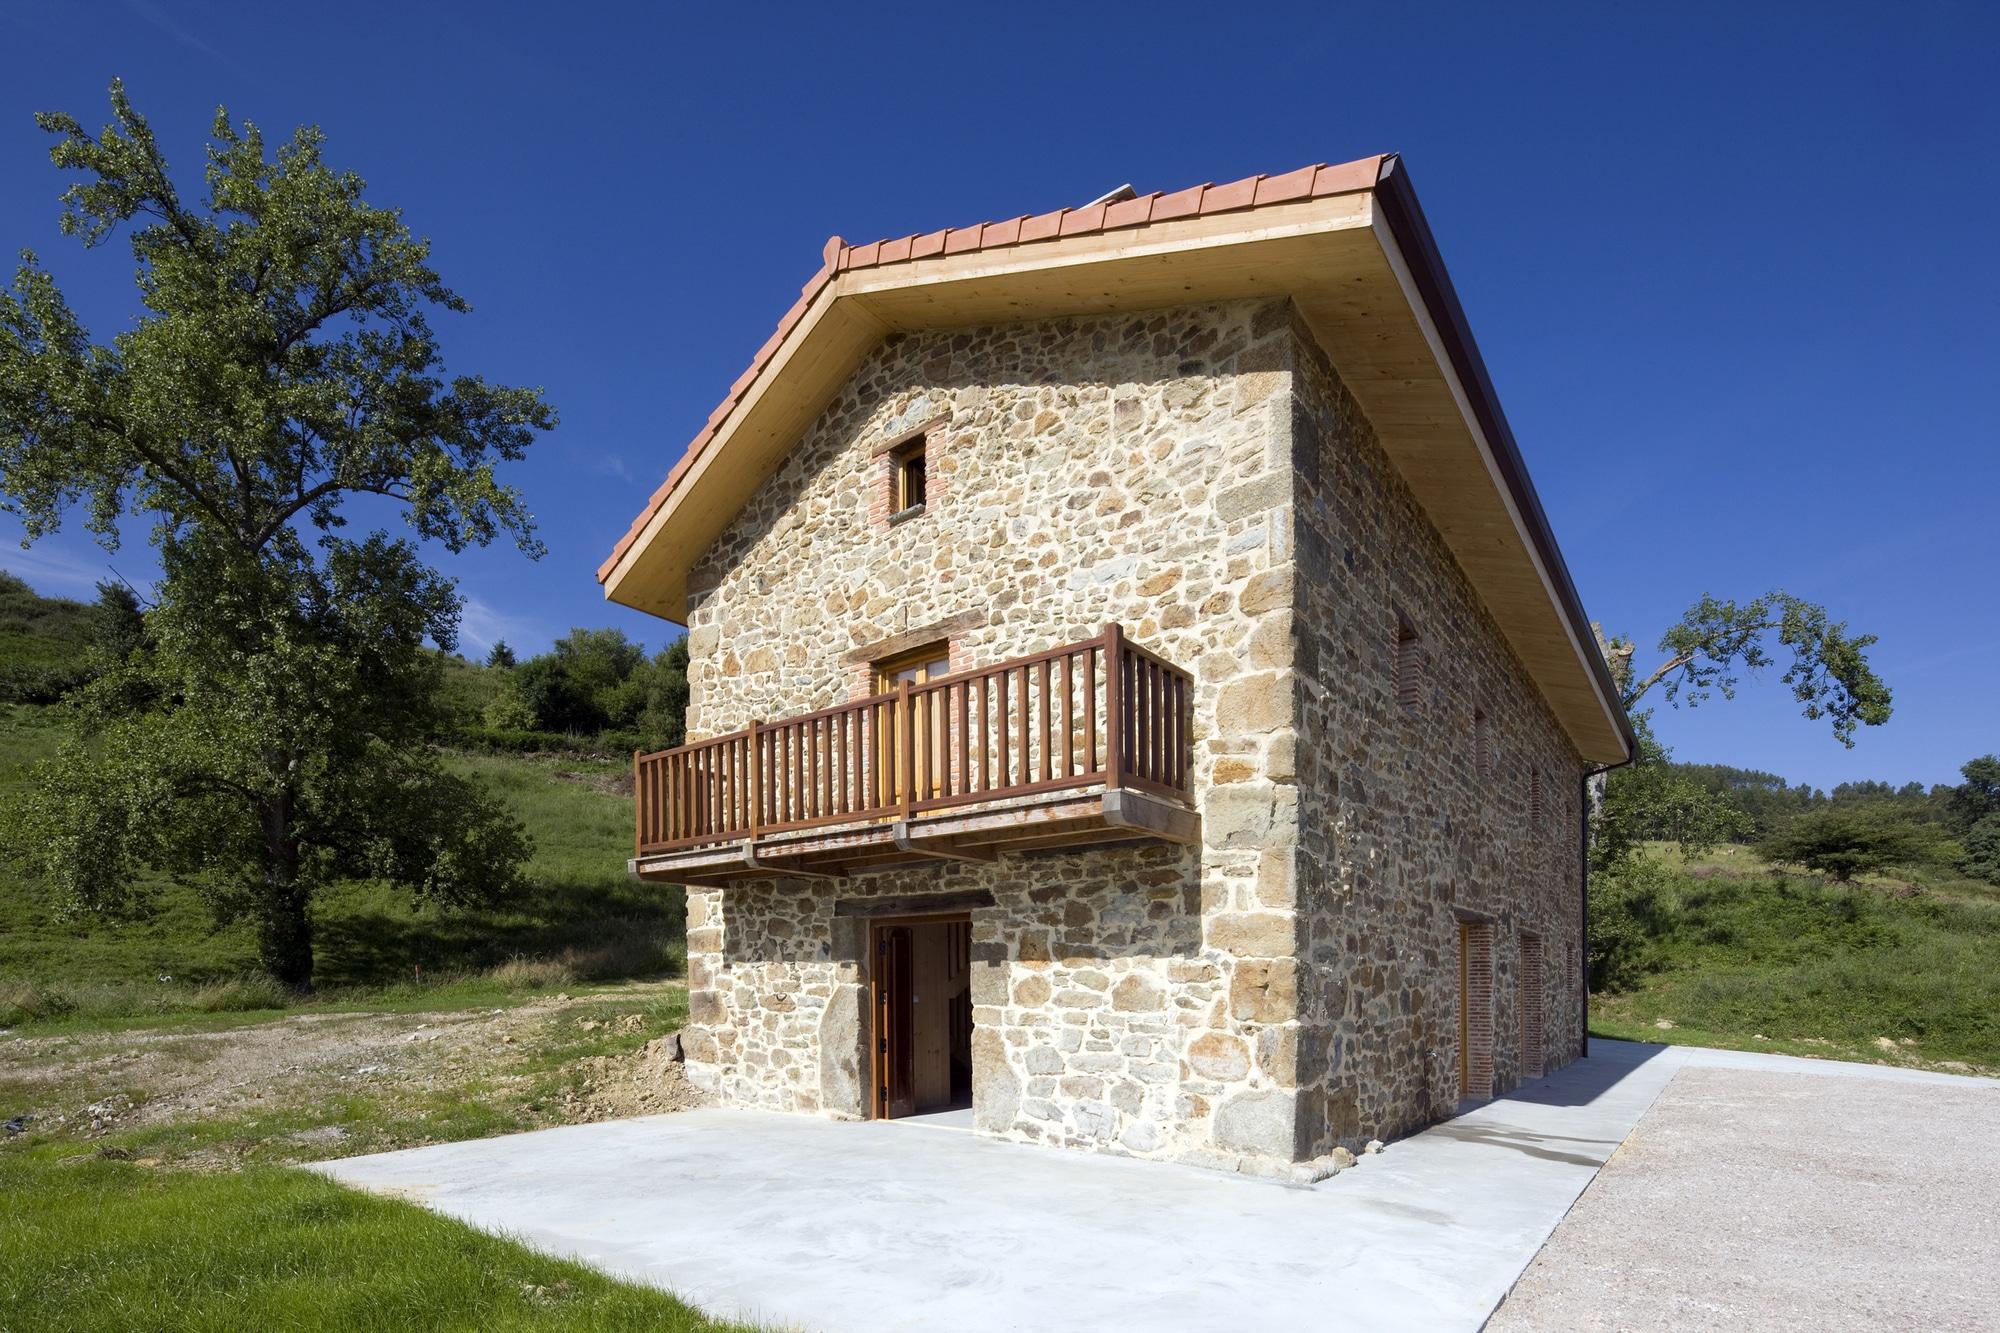 Dise o de casa r stica de piedra planos construye hogar - Piedra rustica para fachadas ...